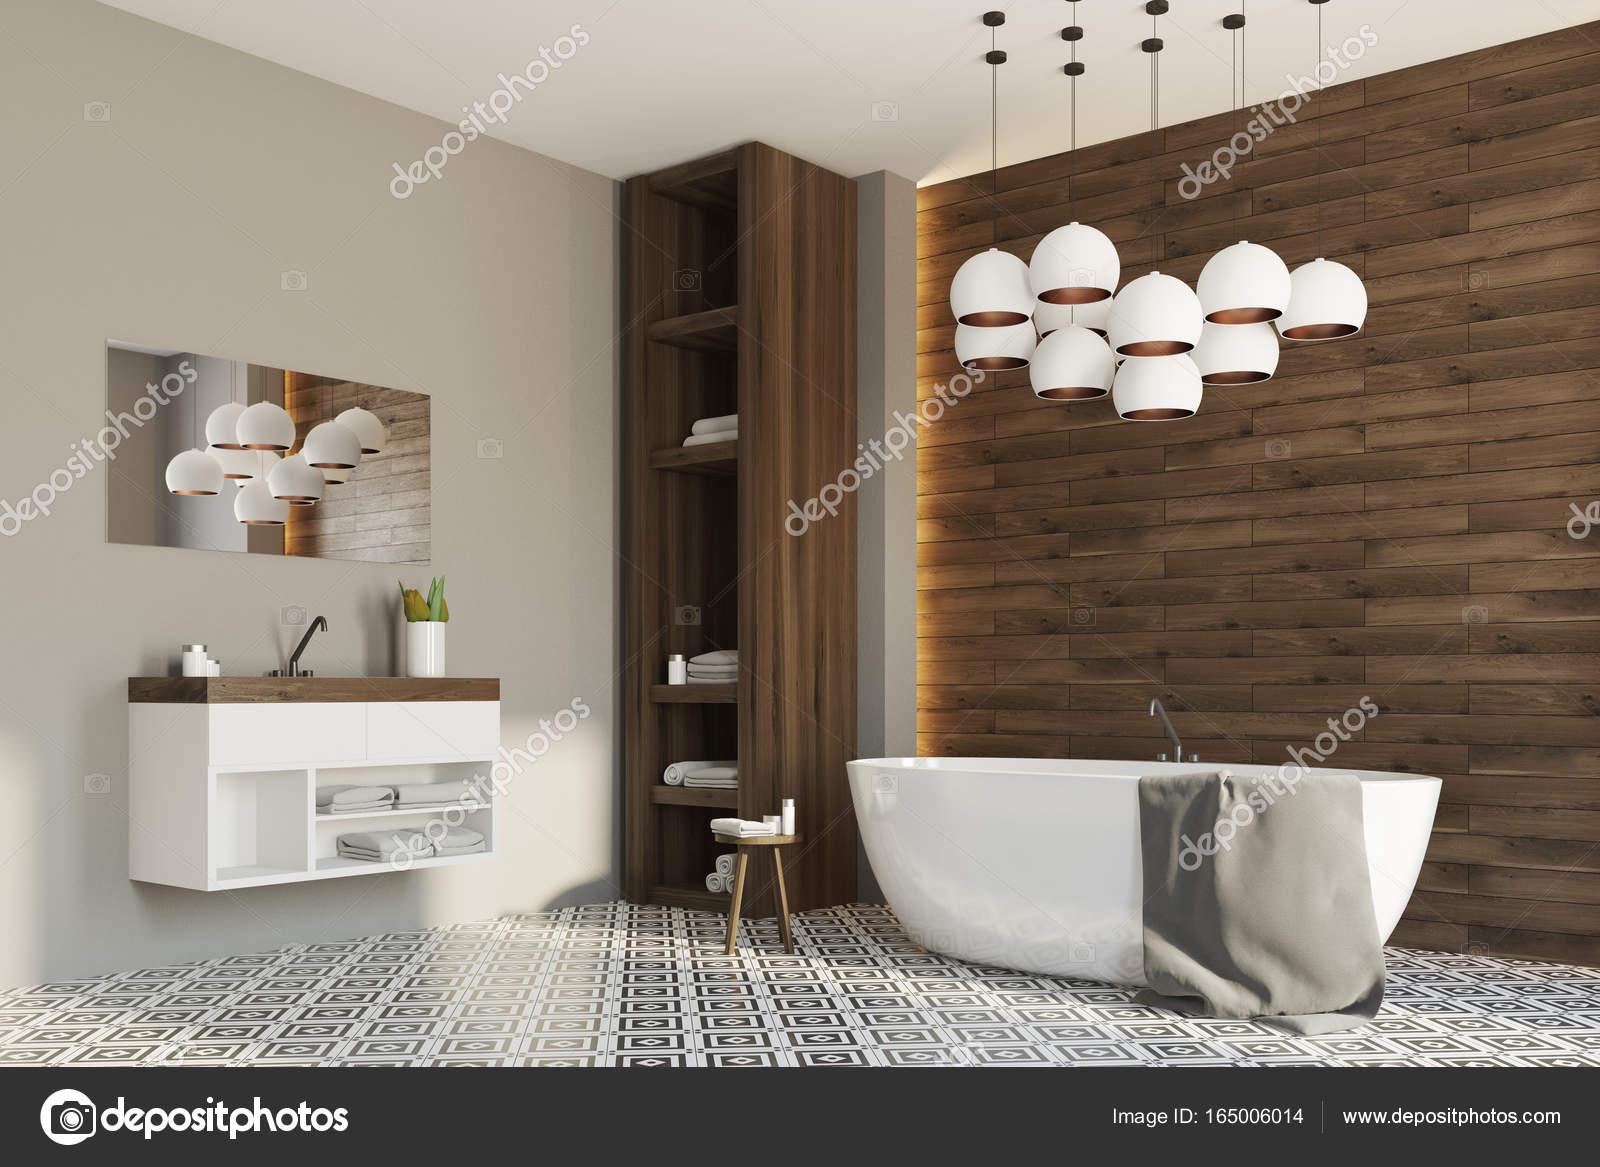 Grijs en houten badkamer, hoek — Stockfoto © denisismagilov #165006014